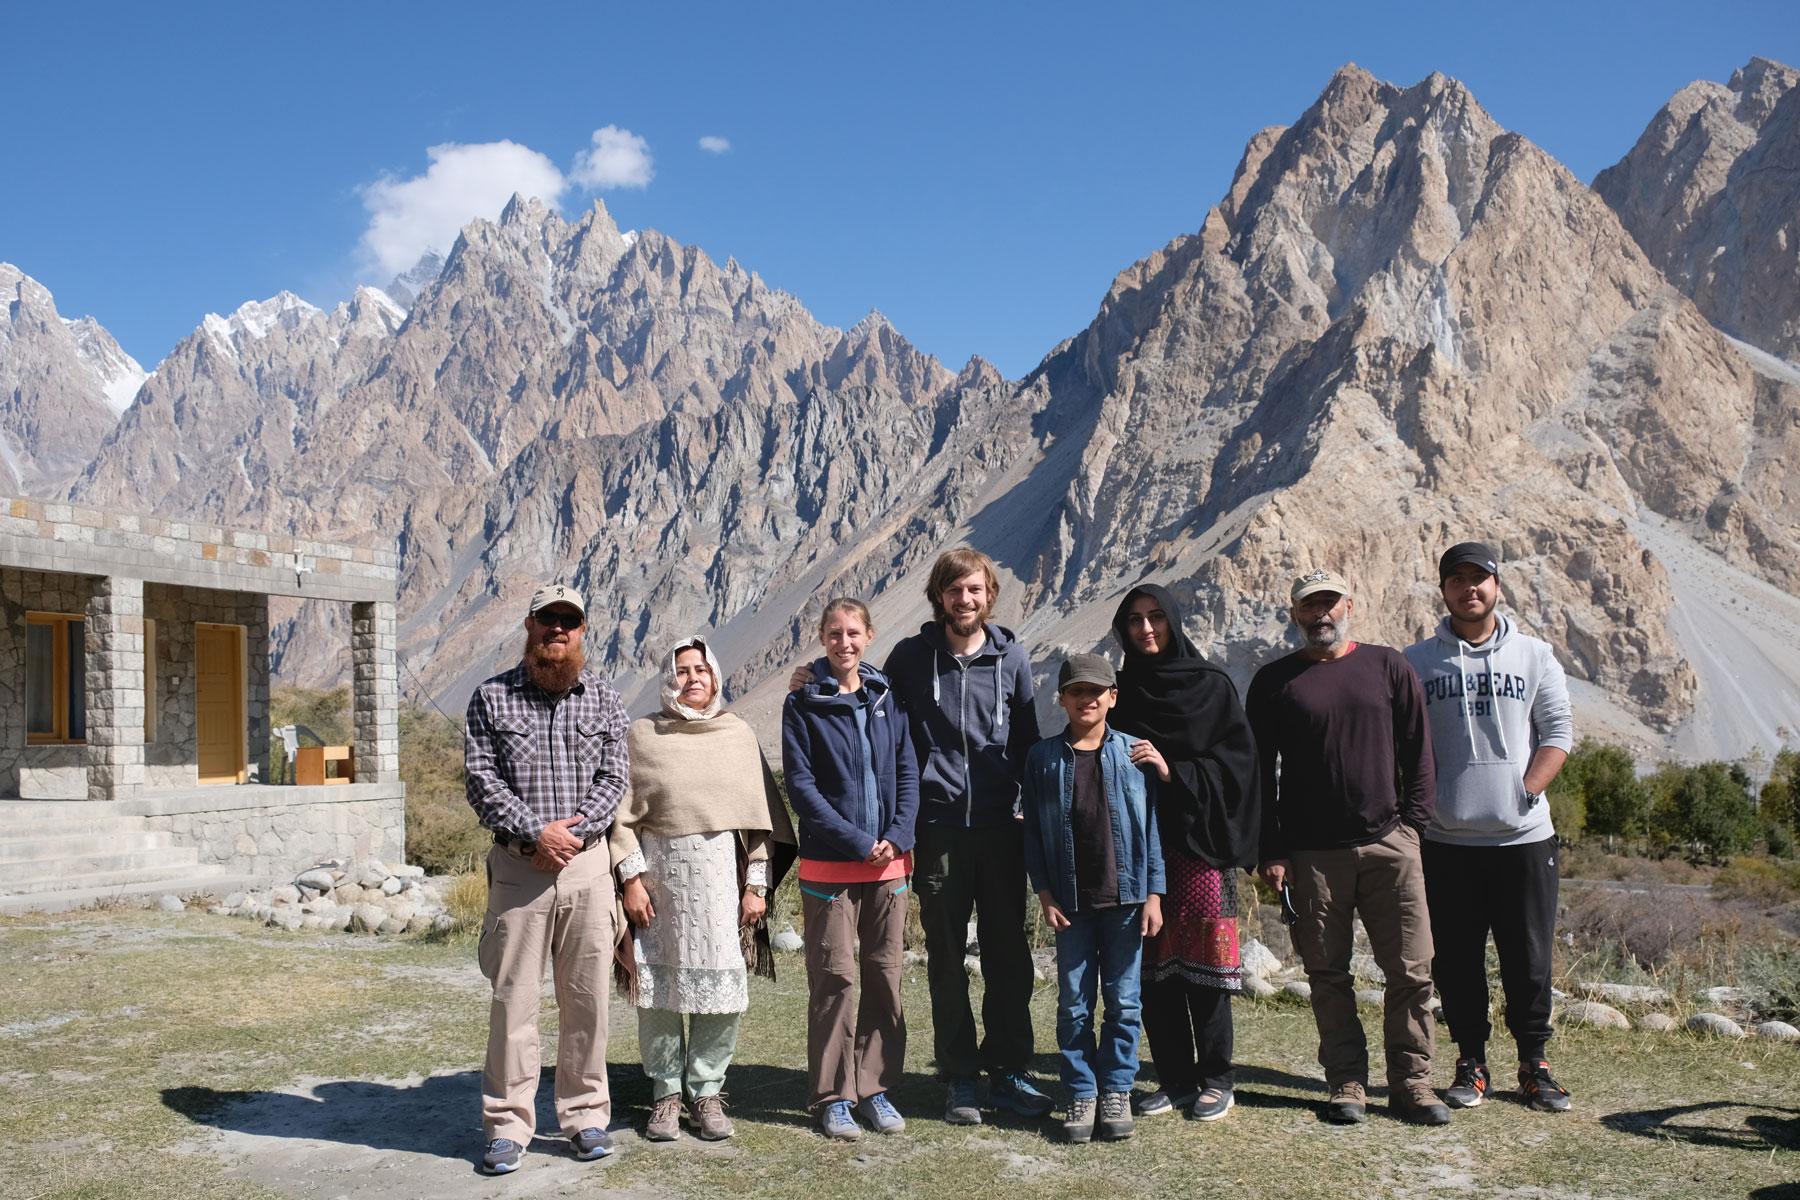 Leo und Sebastian mit einer pakistanischen Familie vor hohen Bergen.